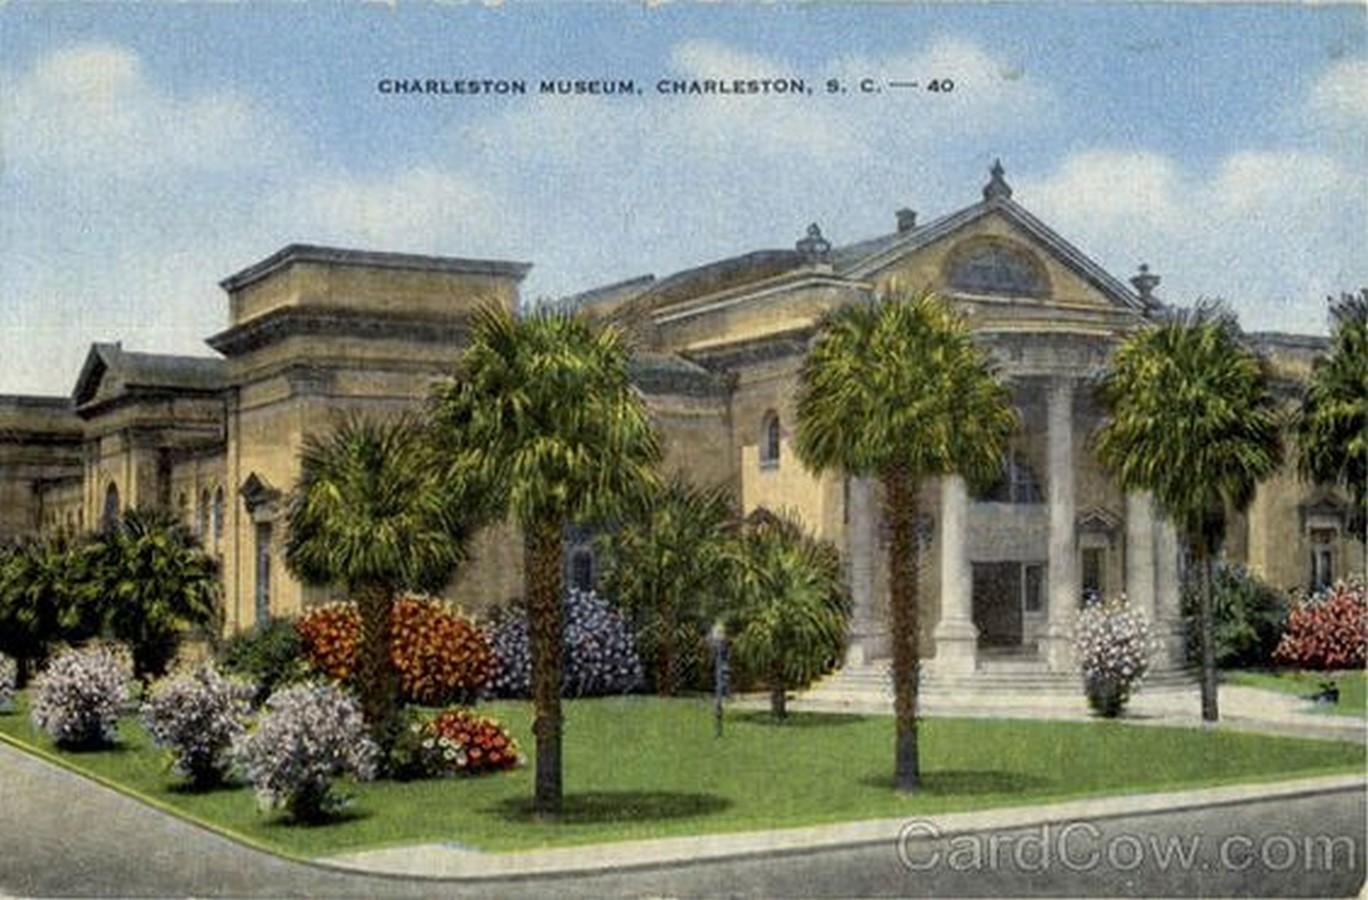 The Charleston Museum - Sheet1